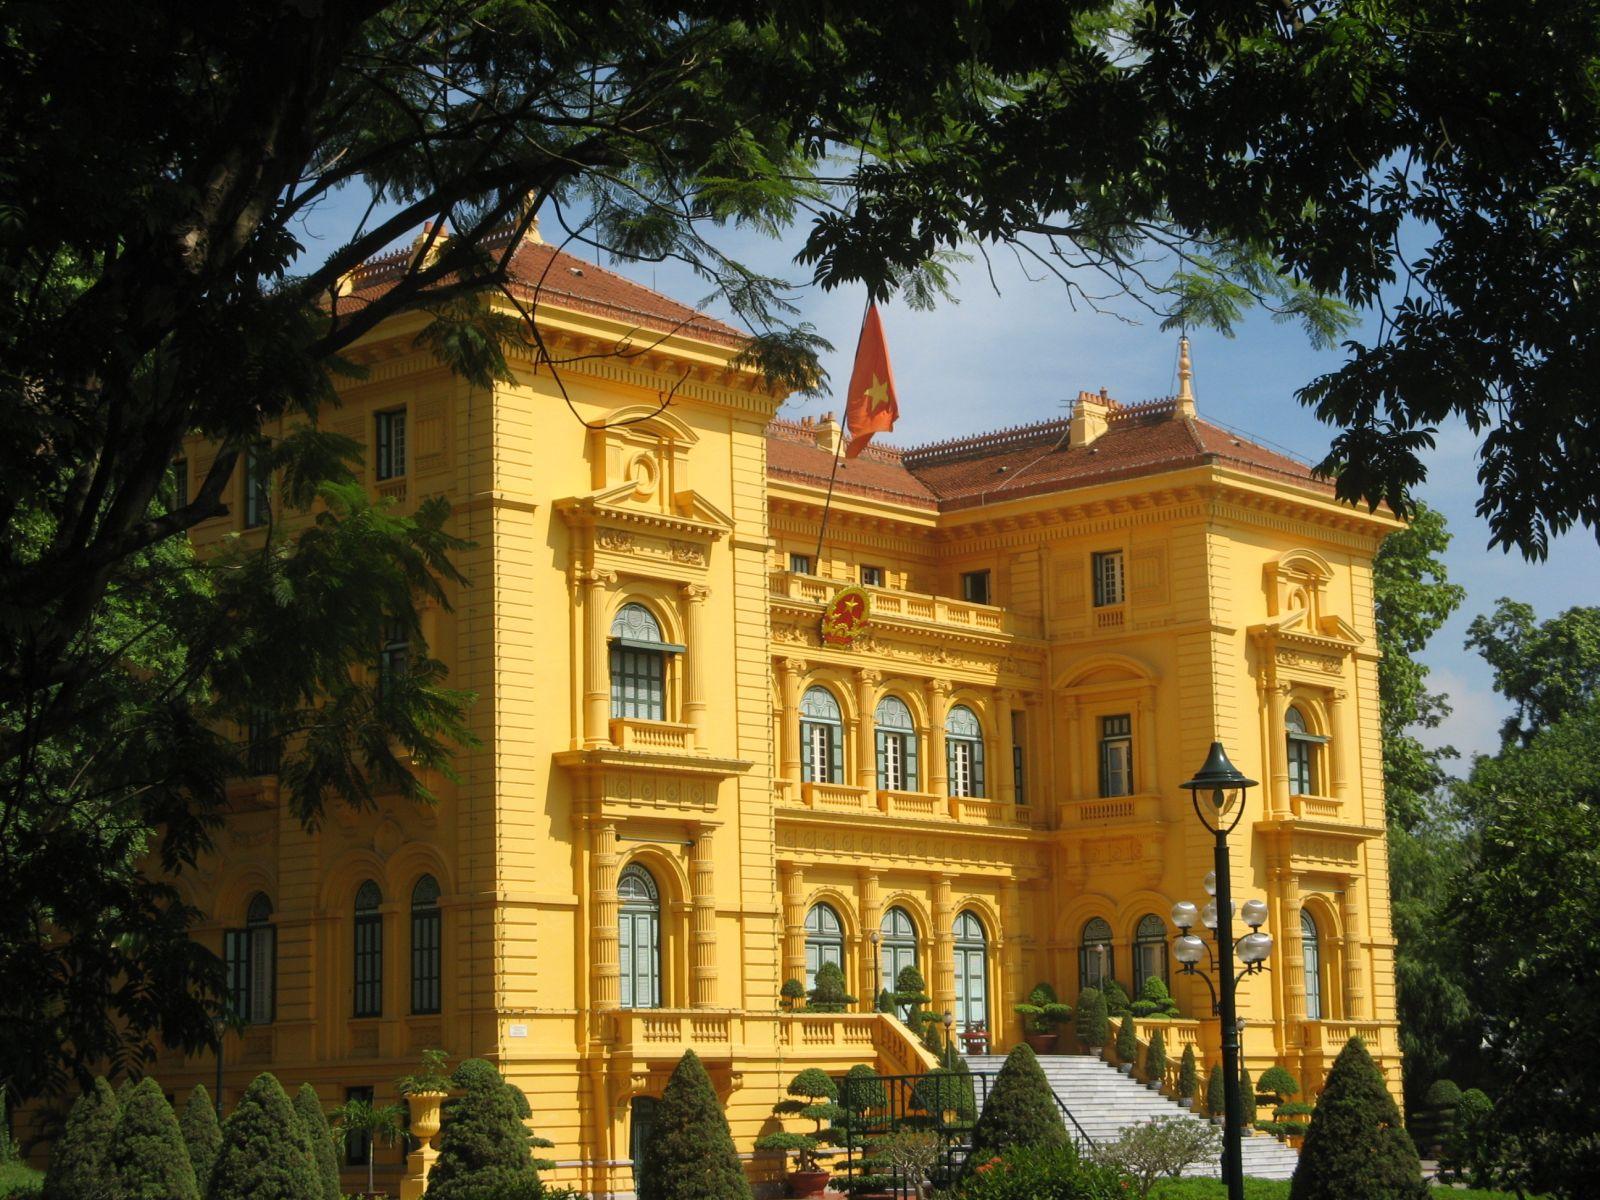 Predsjednička palača